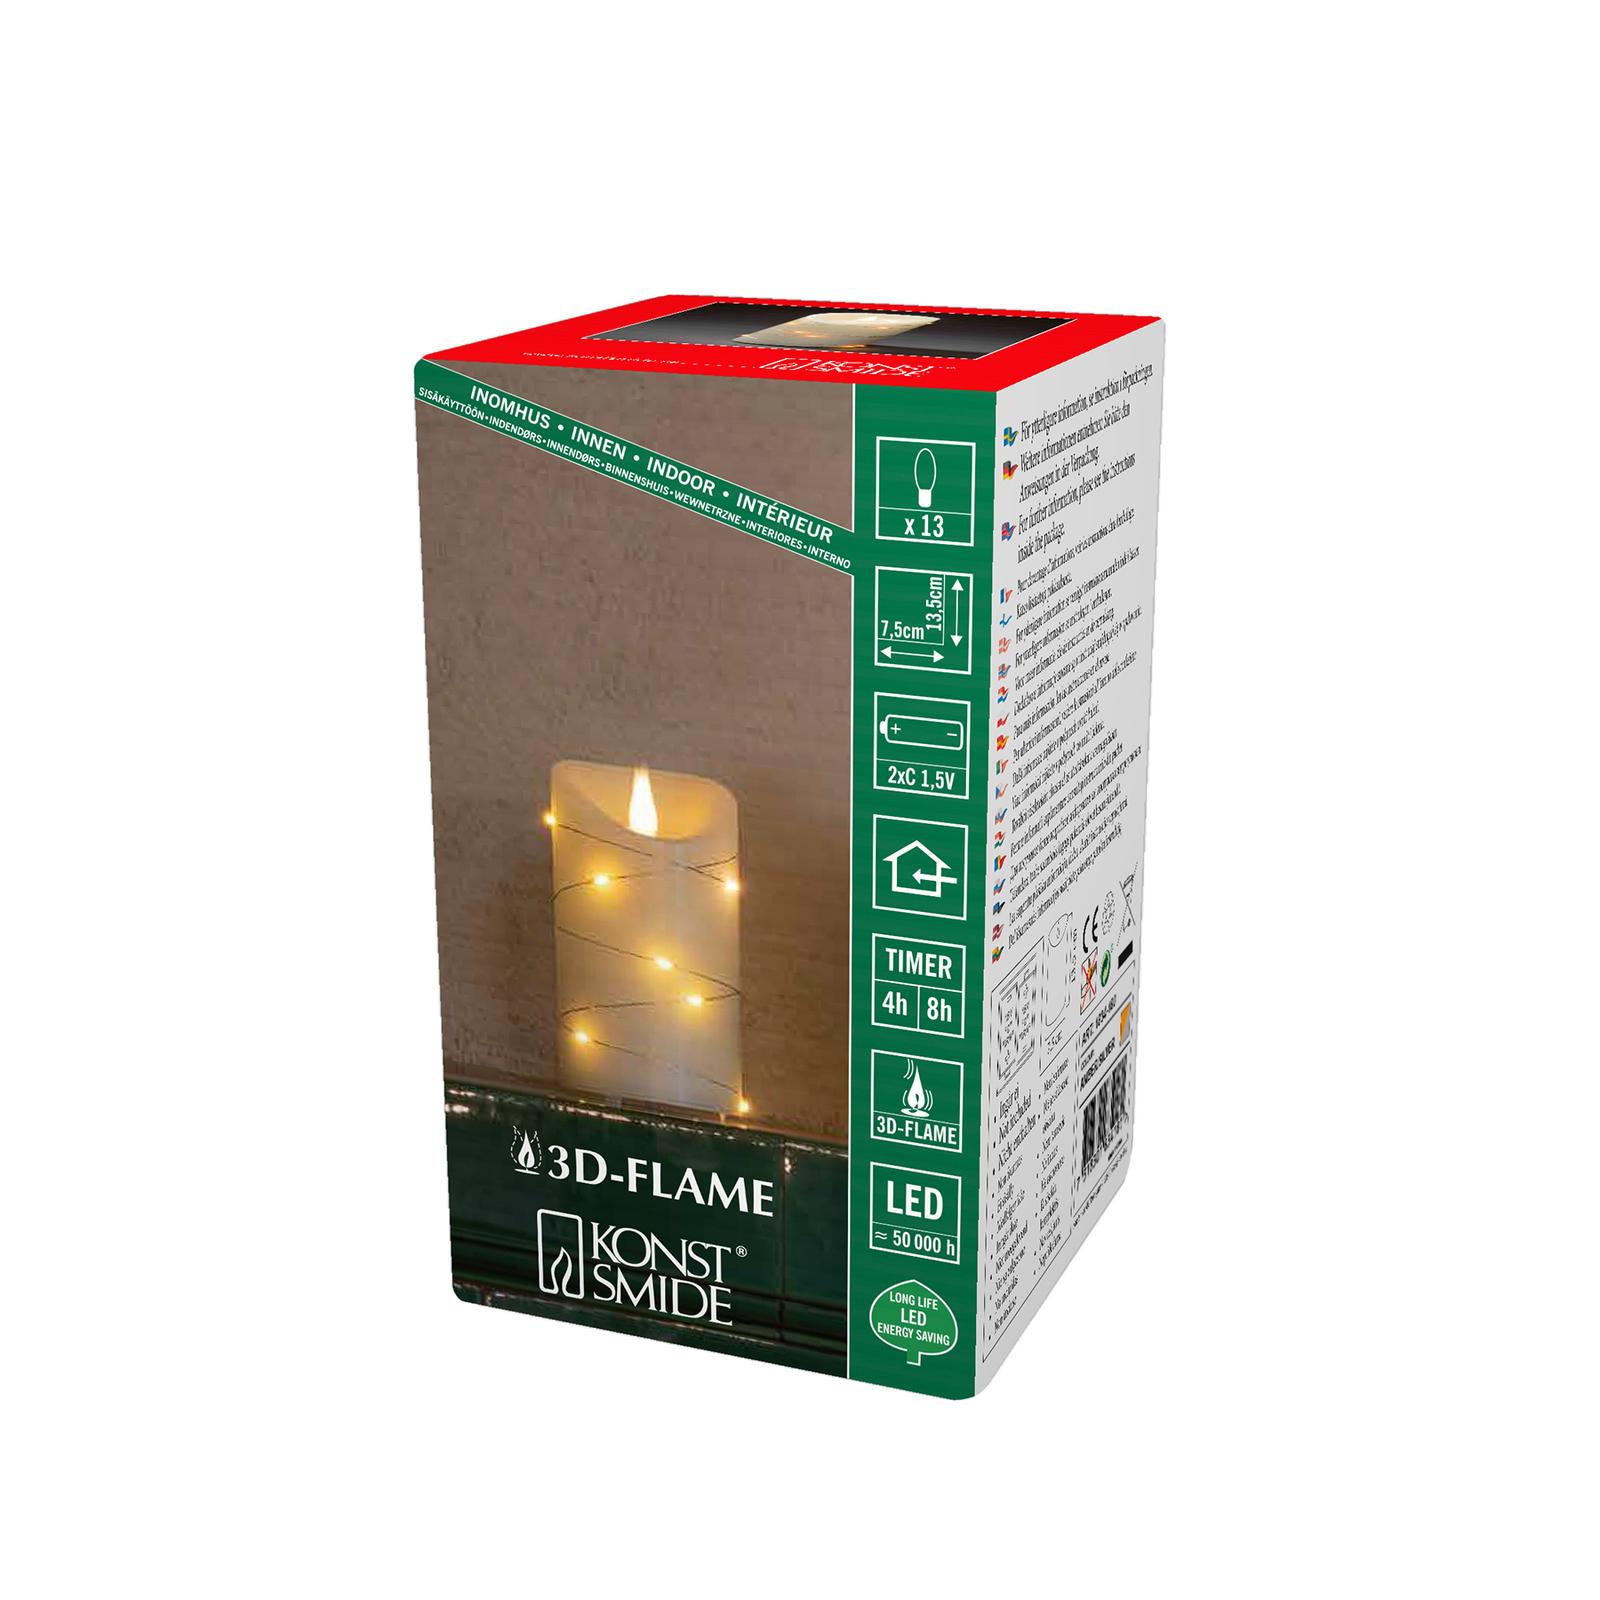 LED-Wachskerze creme Lichtfarbe Bernstein Ø 7,5 cm